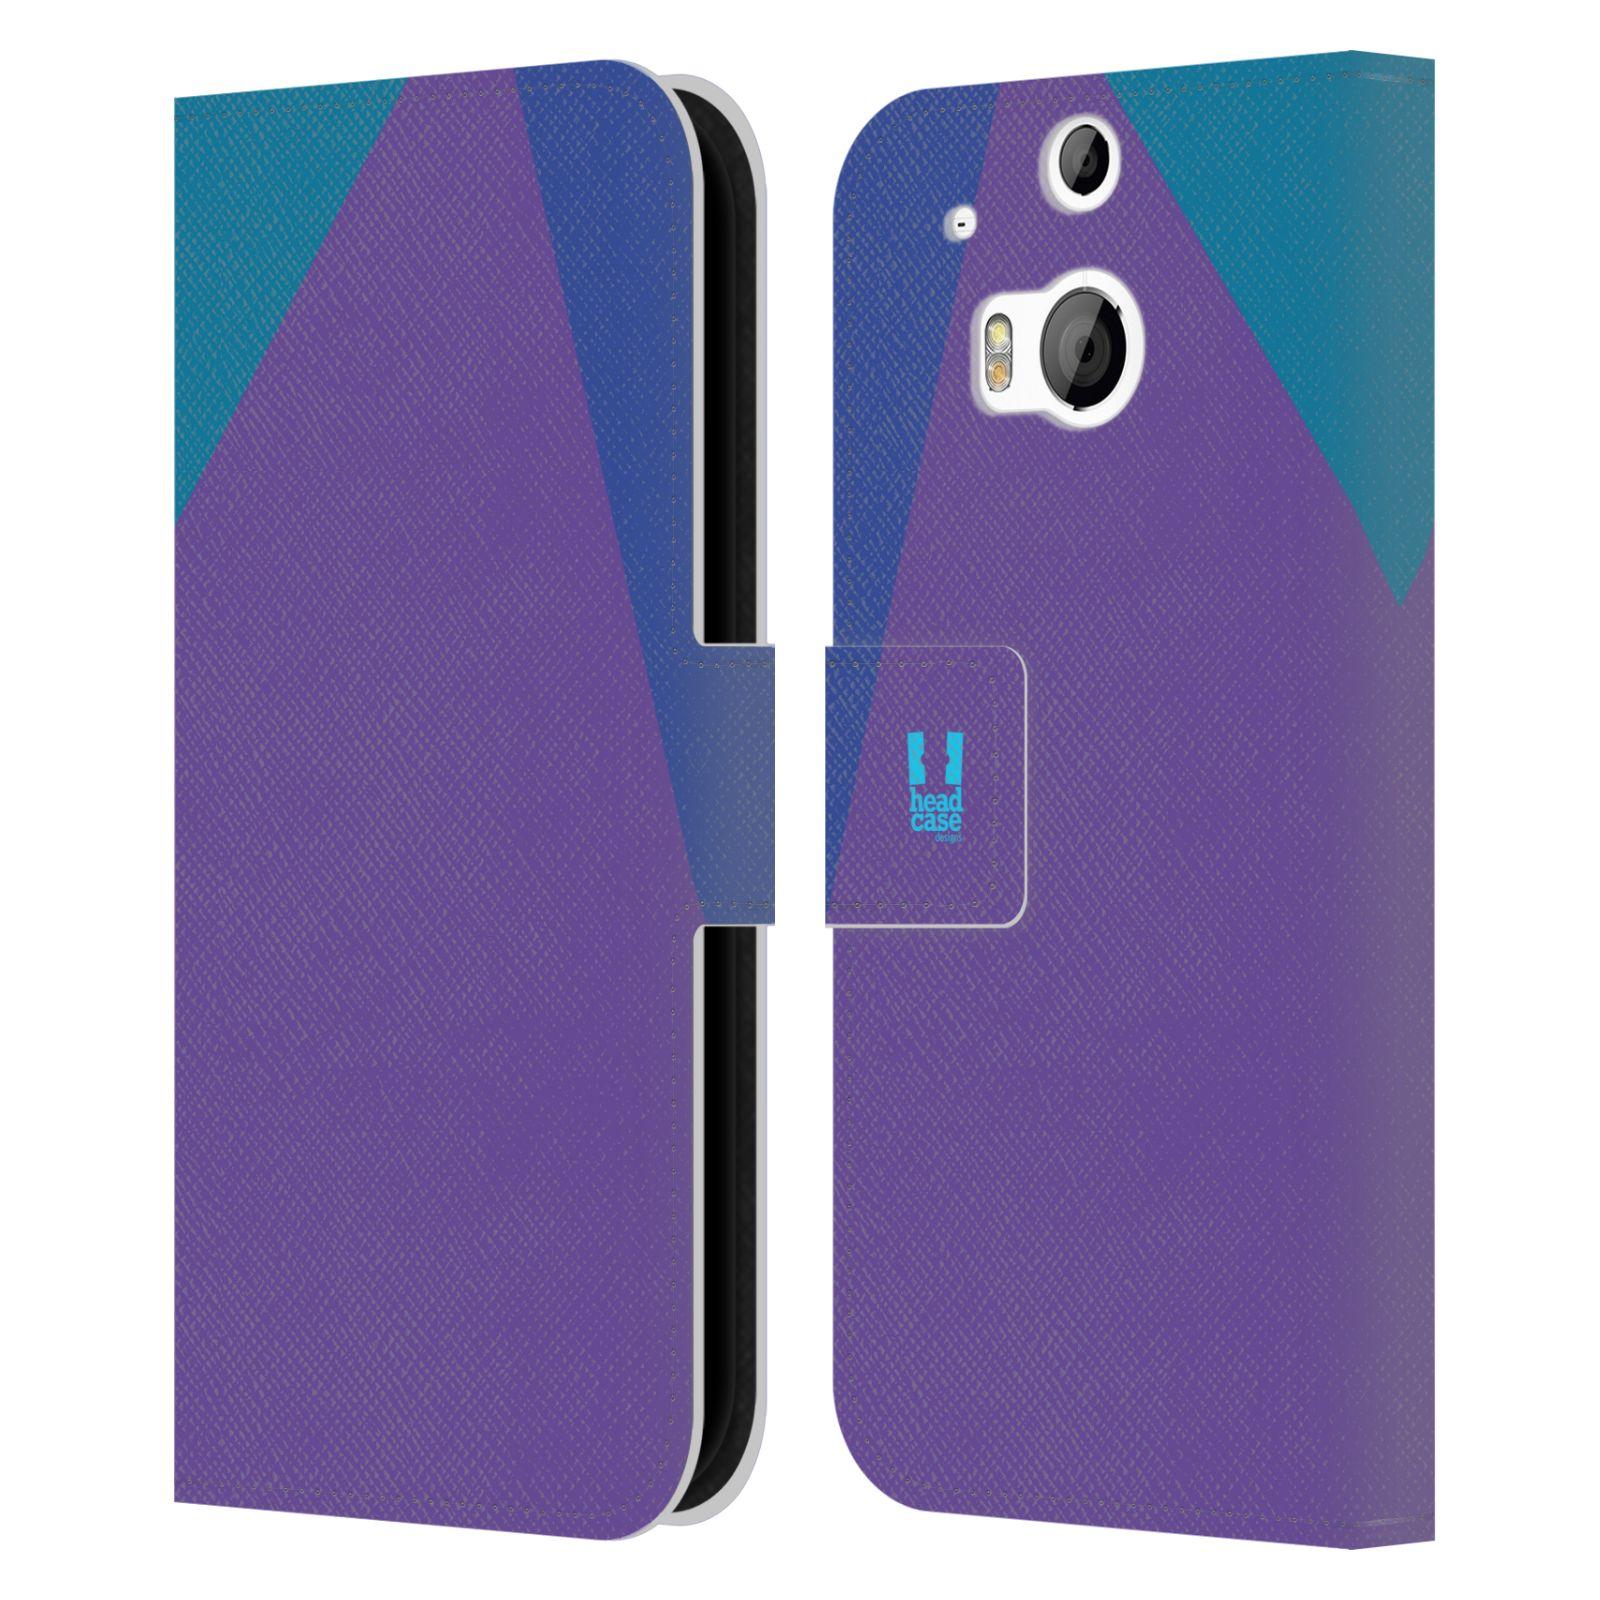 HEAD CASE Flipové pouzdro pro mobil HTC ONE M8/M8s barevné tvary fialová feminine